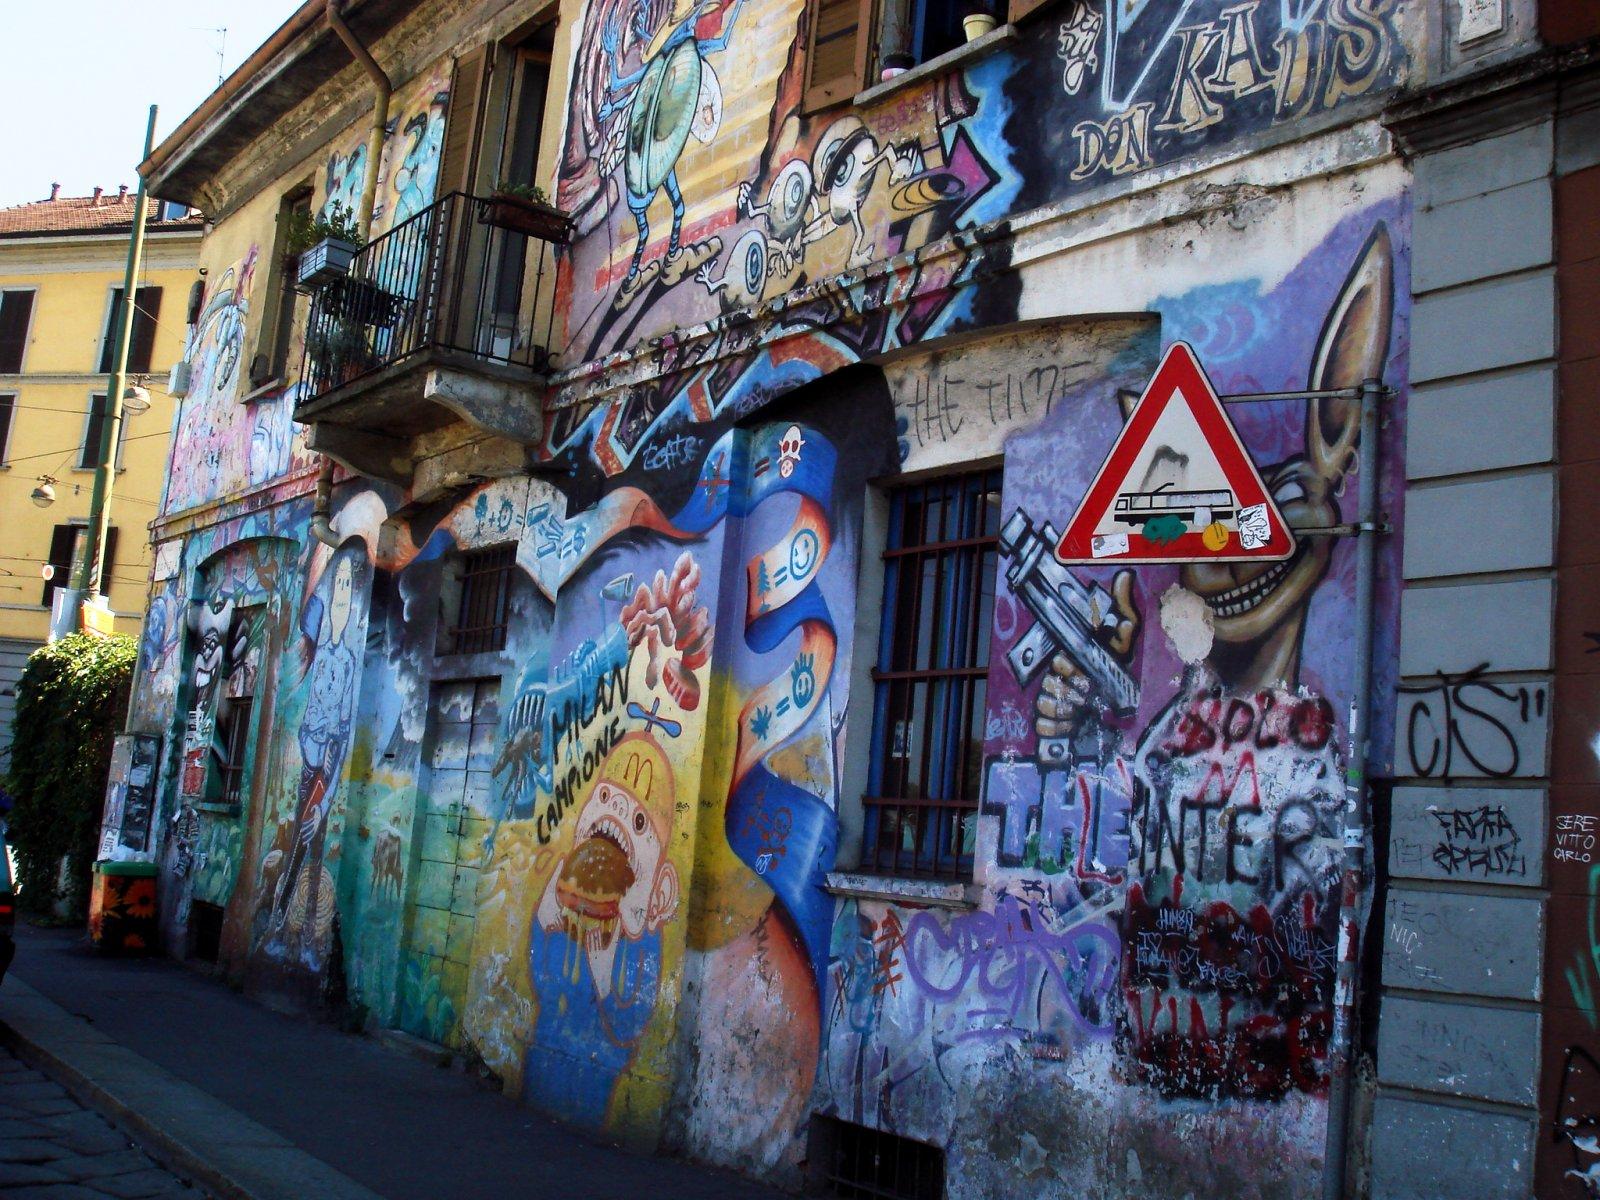 4057_-_Milano_-_Graffiti_su_casa_occupata_alla_Darsena_-_Foto_Giovanni_Dall'Orto,_7-July-2007.jpg